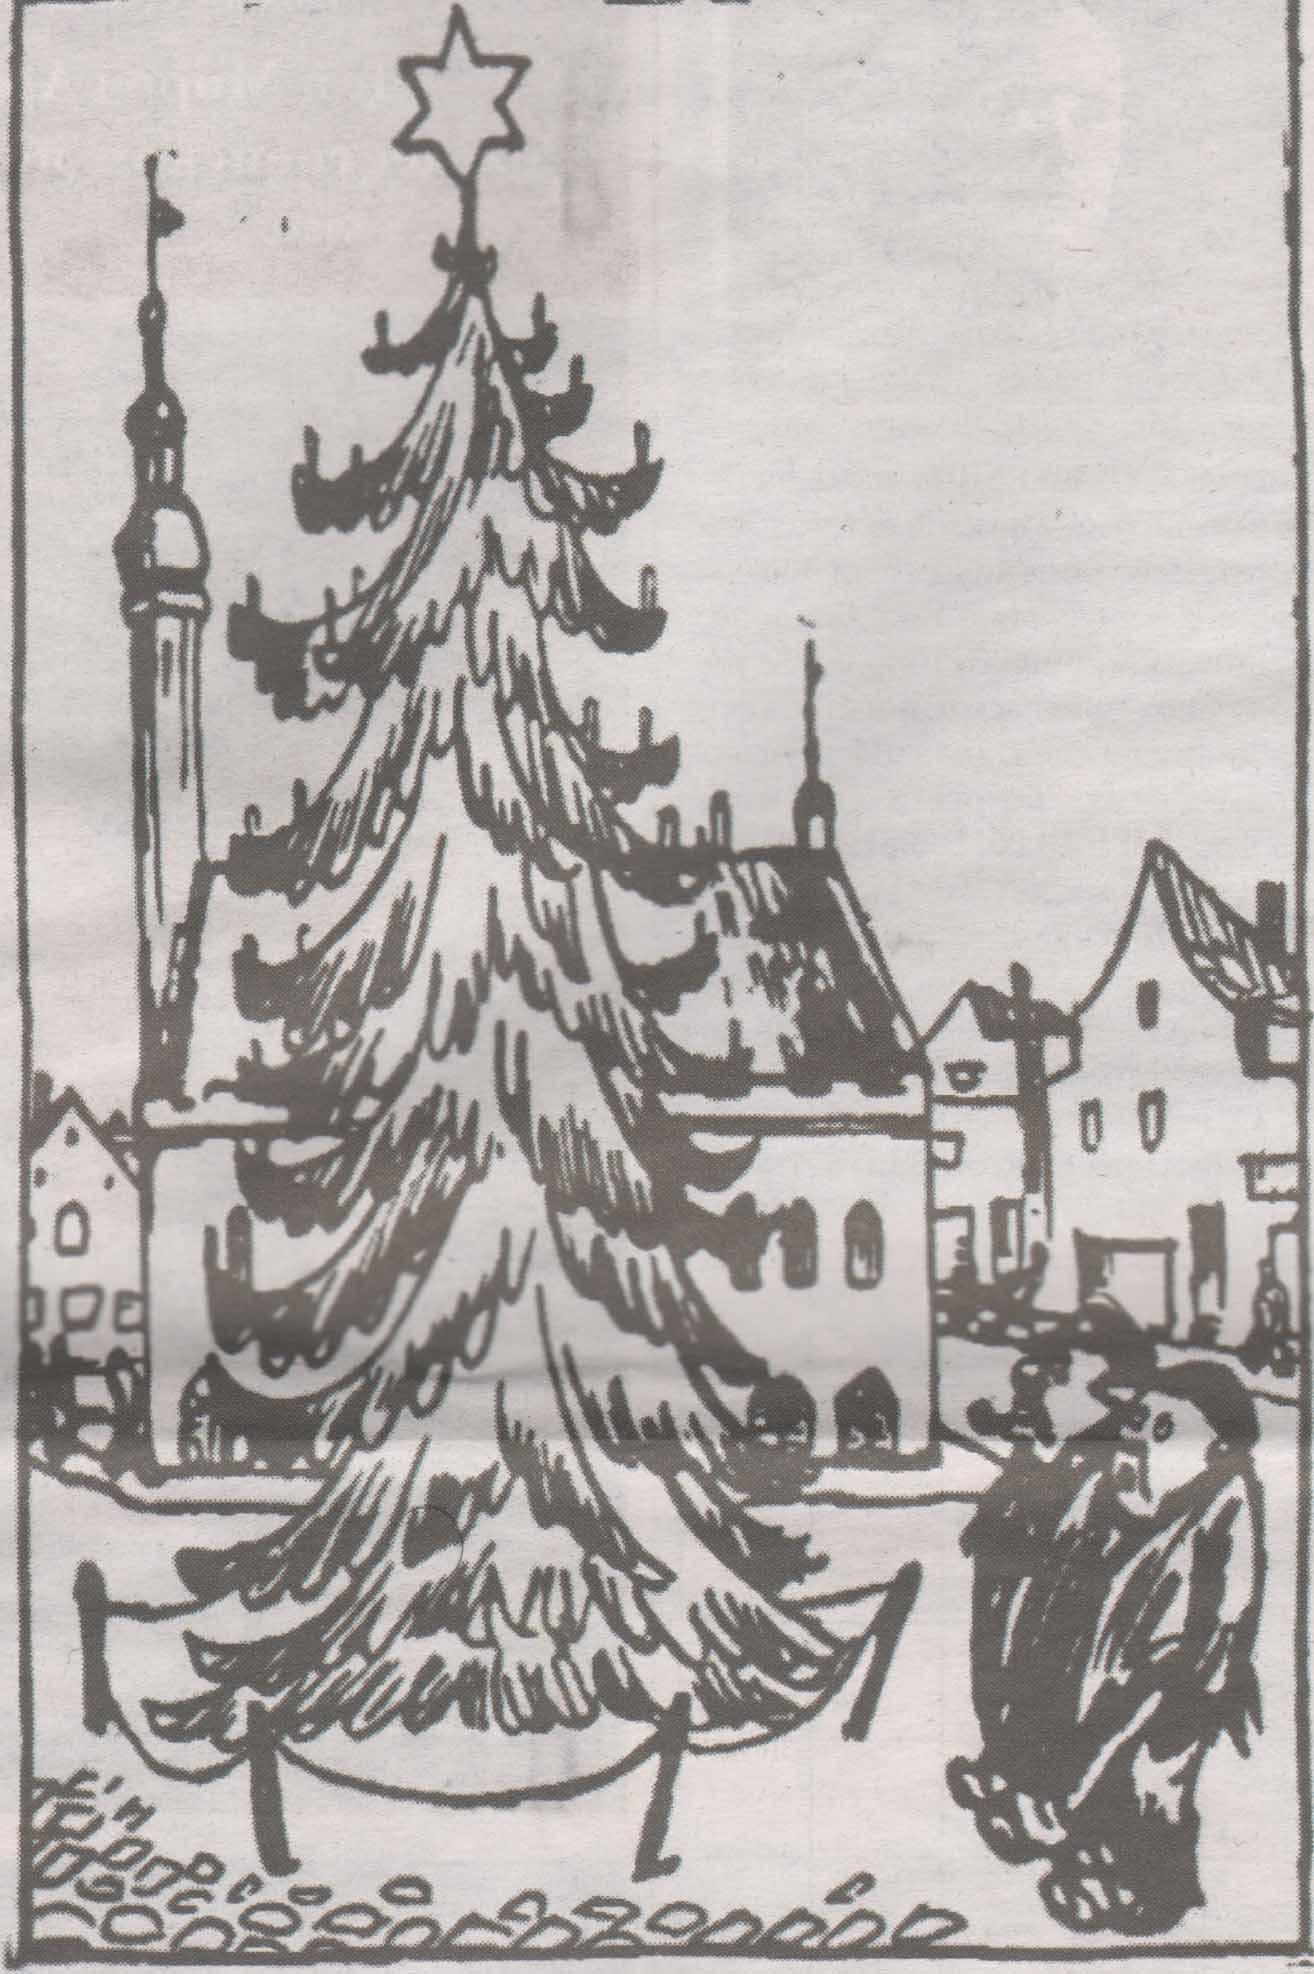 """Самая первая елка на Ратушной площади Таллинна глазами популярного в довоенной Эстонии карикатуриста Гори (Велло Агори). Первая полоса номера газеты """"Rahvaleht"""" за 18 декабря 1928 года."""